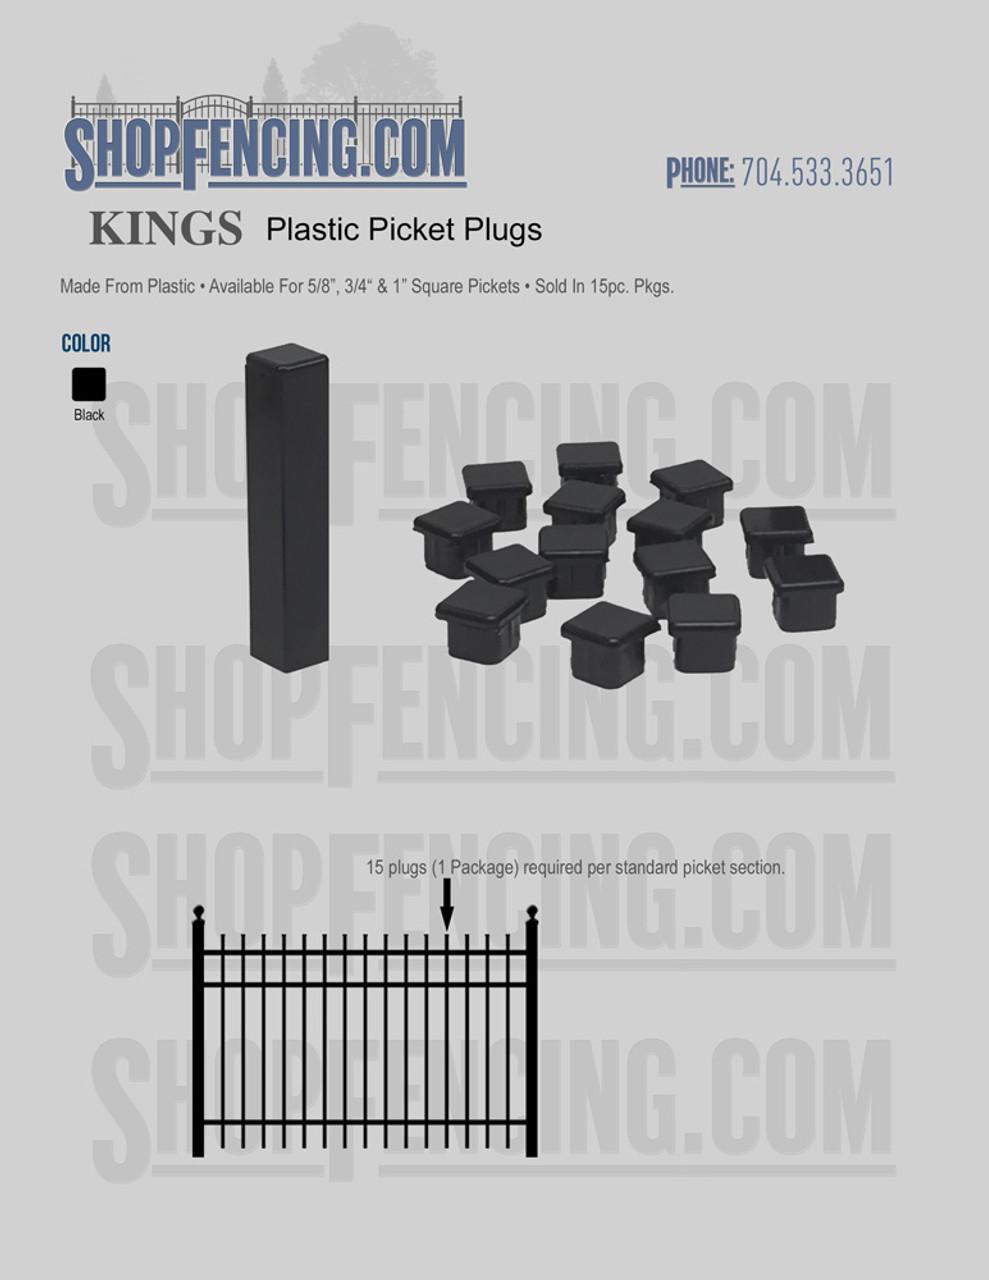 Plastic Picket Plugs